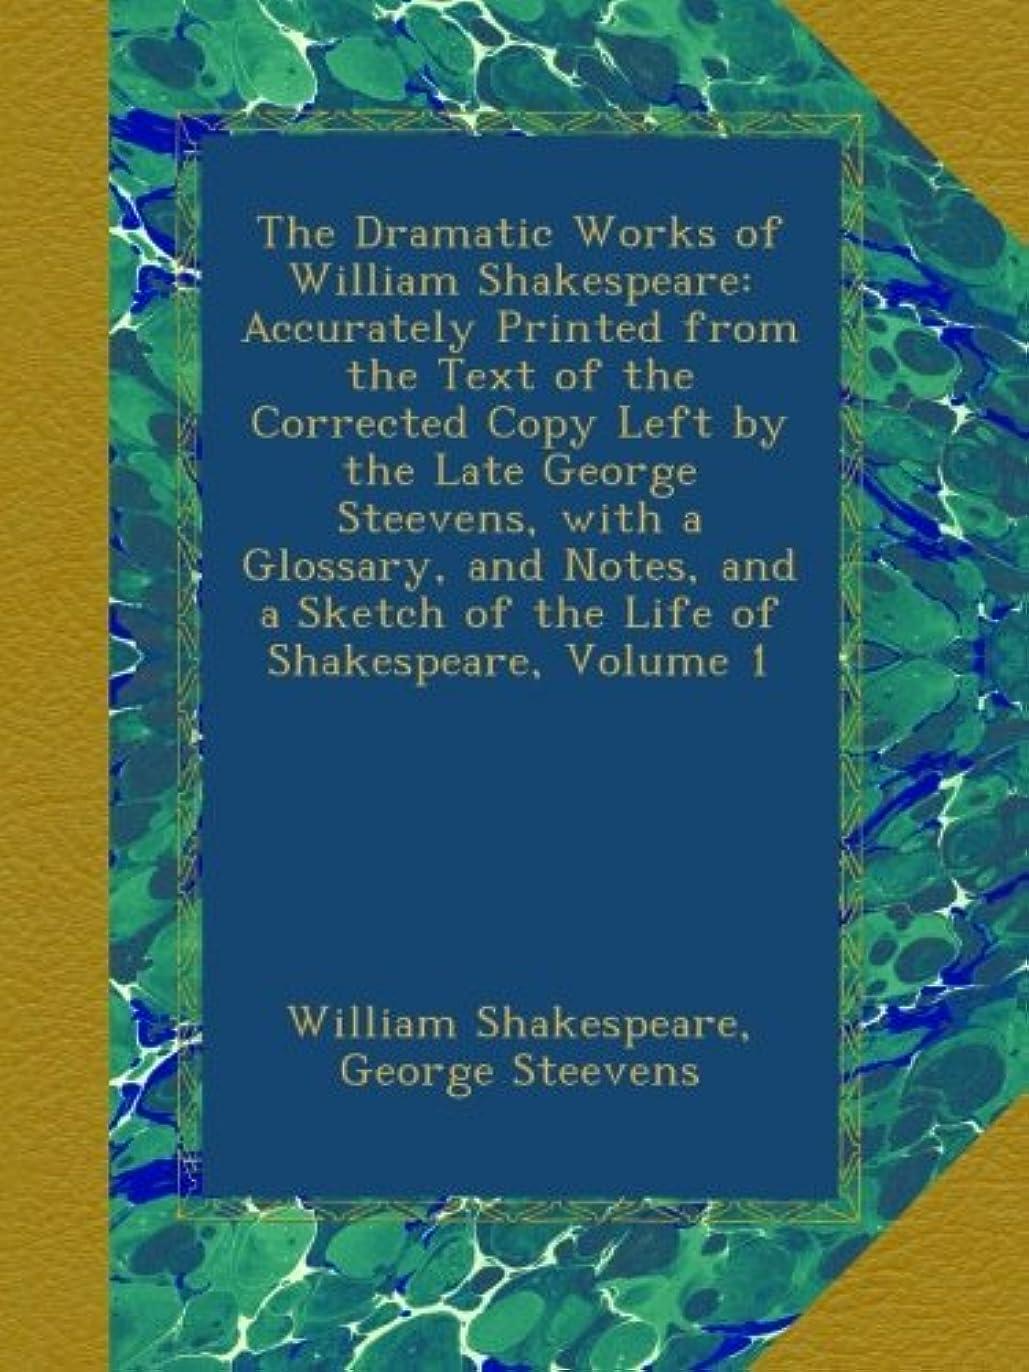 前件厄介な羊飼いThe Dramatic Works of William Shakespeare: Accurately Printed from the Text of the Corrected Copy Left by the Late George Steevens, with a Glossary, and Notes, and a Sketch of the Life of Shakespeare, Volume 1